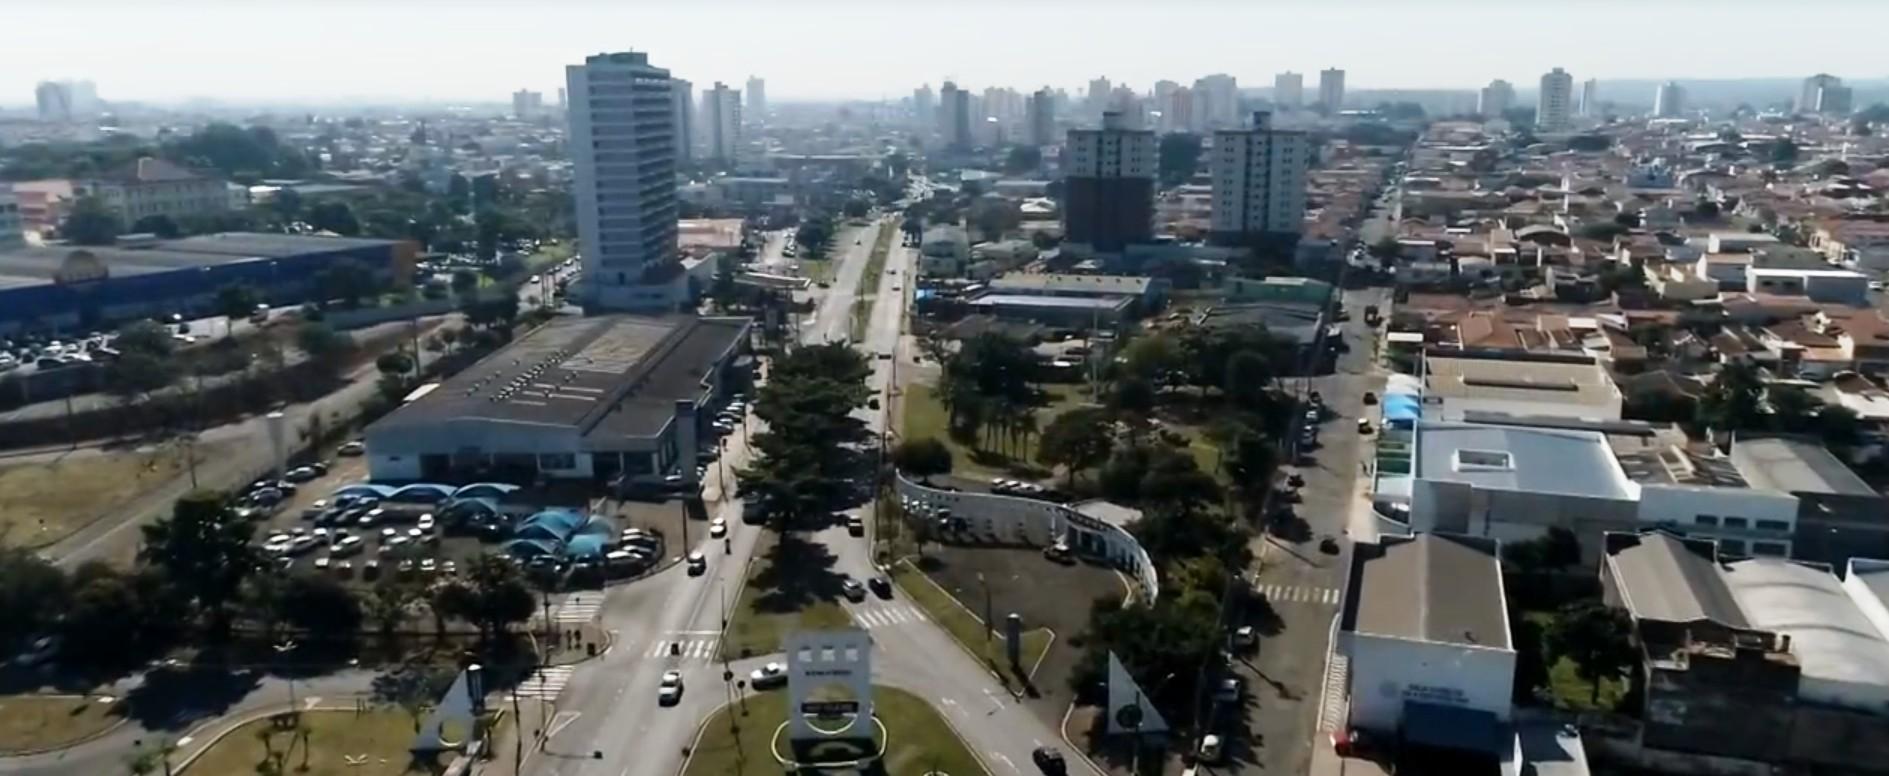 Rio Claro restringe circulação, fecha mercados e suspende transporte a partir desta sexta